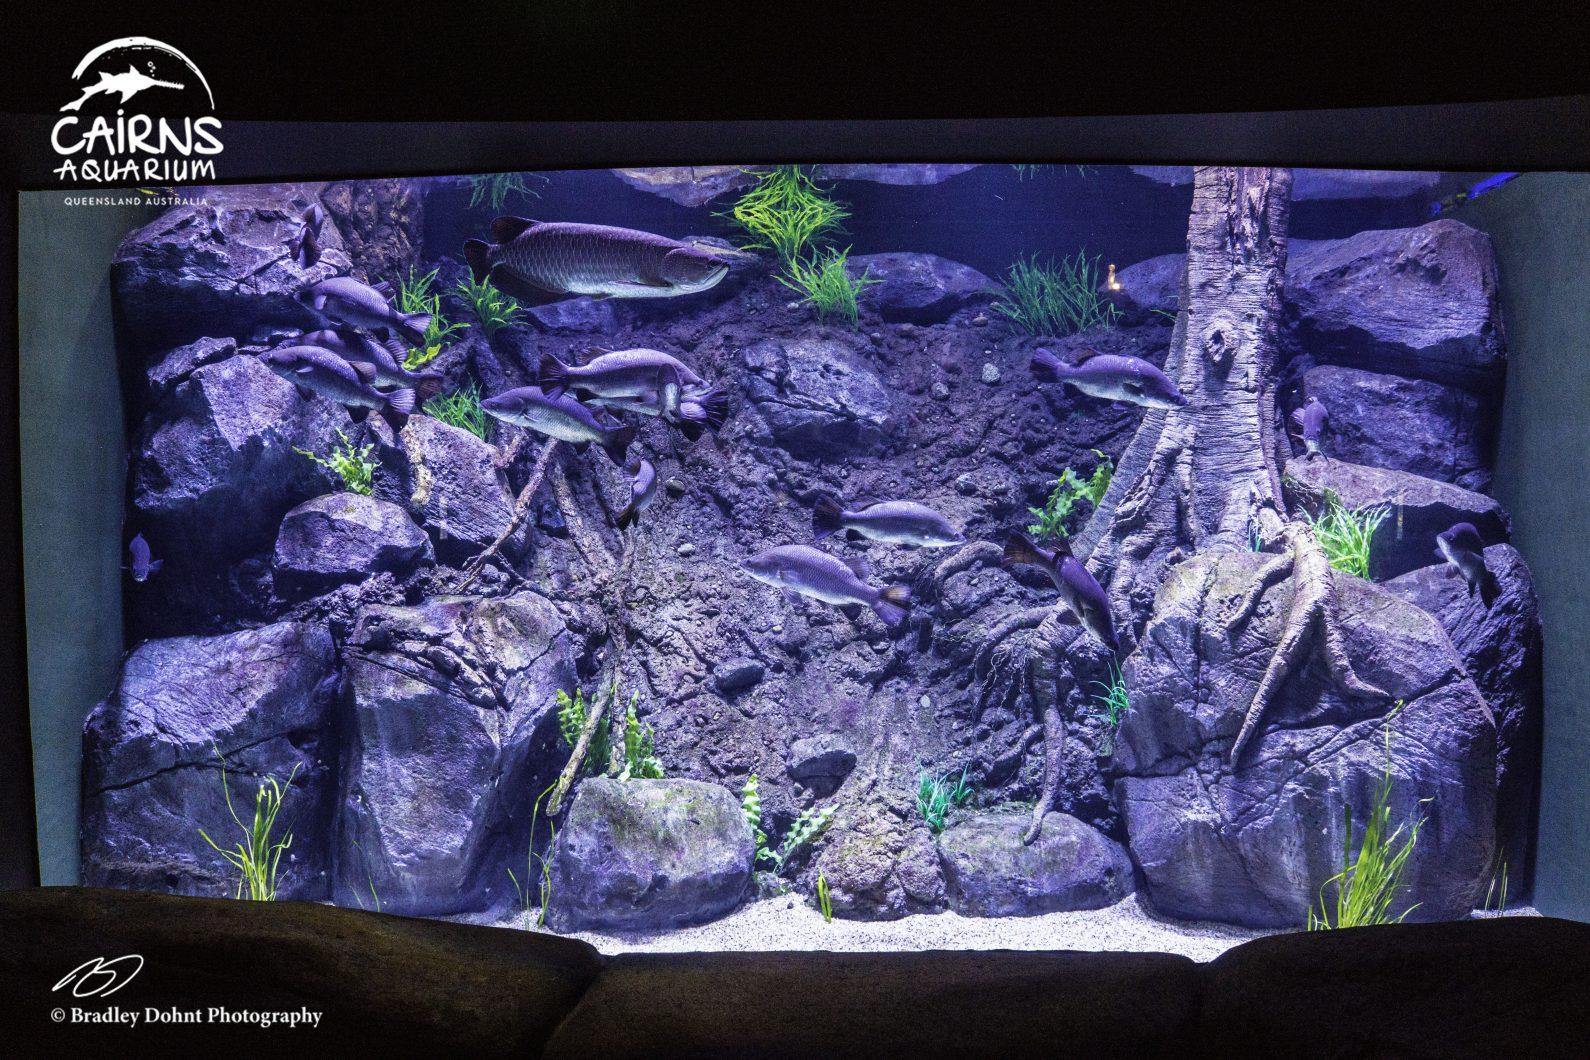 வலுவான நன்னீர் மீன் விளக்குகள்